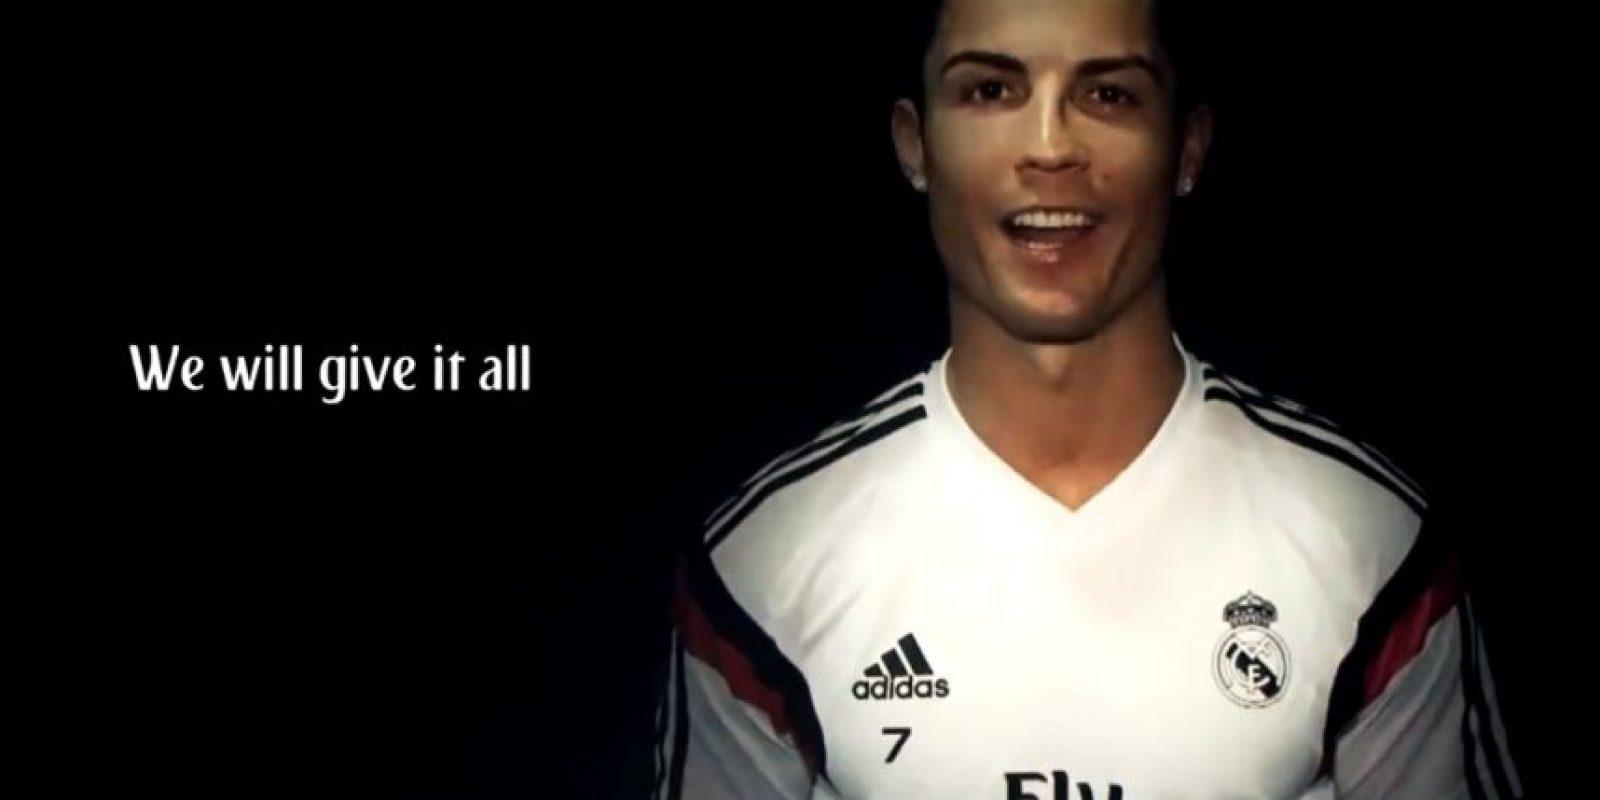 Los jugadores merengues, como el portugués Cristiano Ronaldo, invitan a sus hinchas a apoyarlos en el Santiago Bernabéu Foto:Youtube: ToreTToHDTV